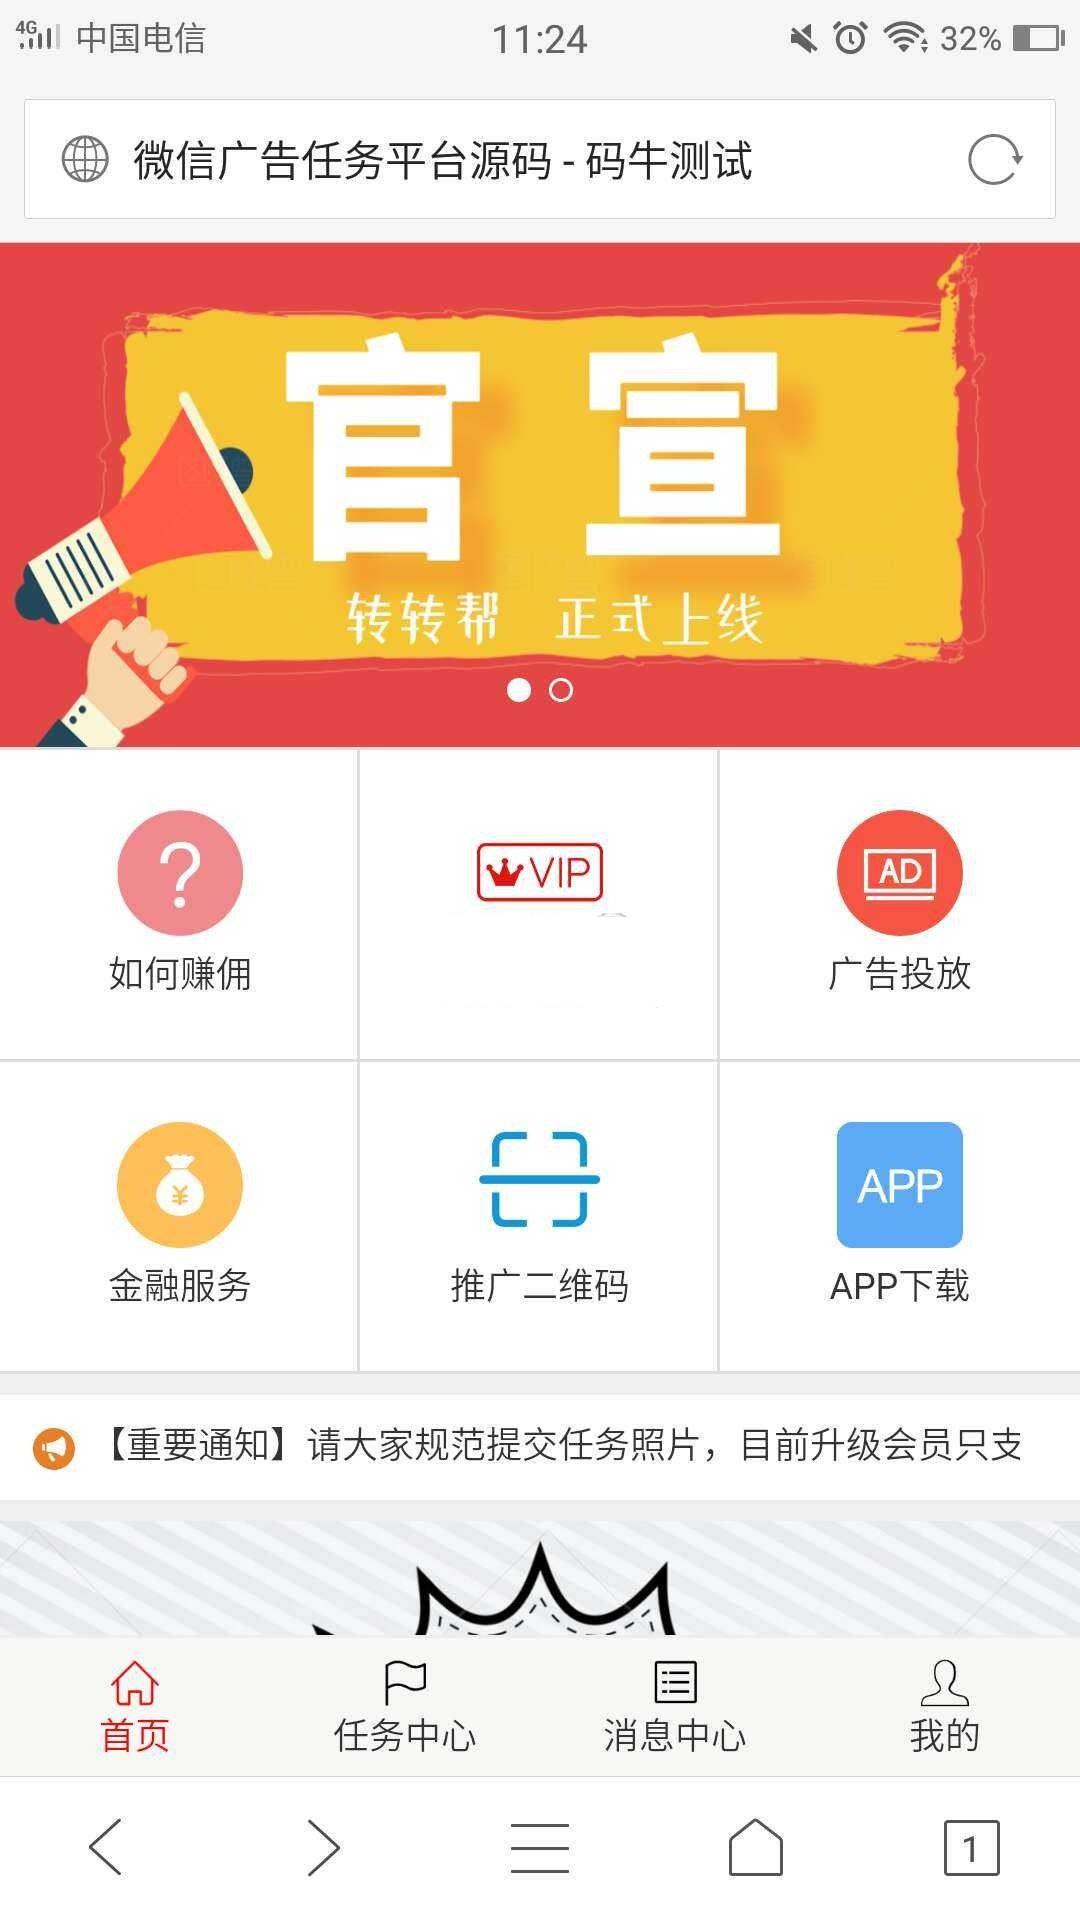 最新微信广告任务平台源码运营版|带教程|对接第三方个人免签